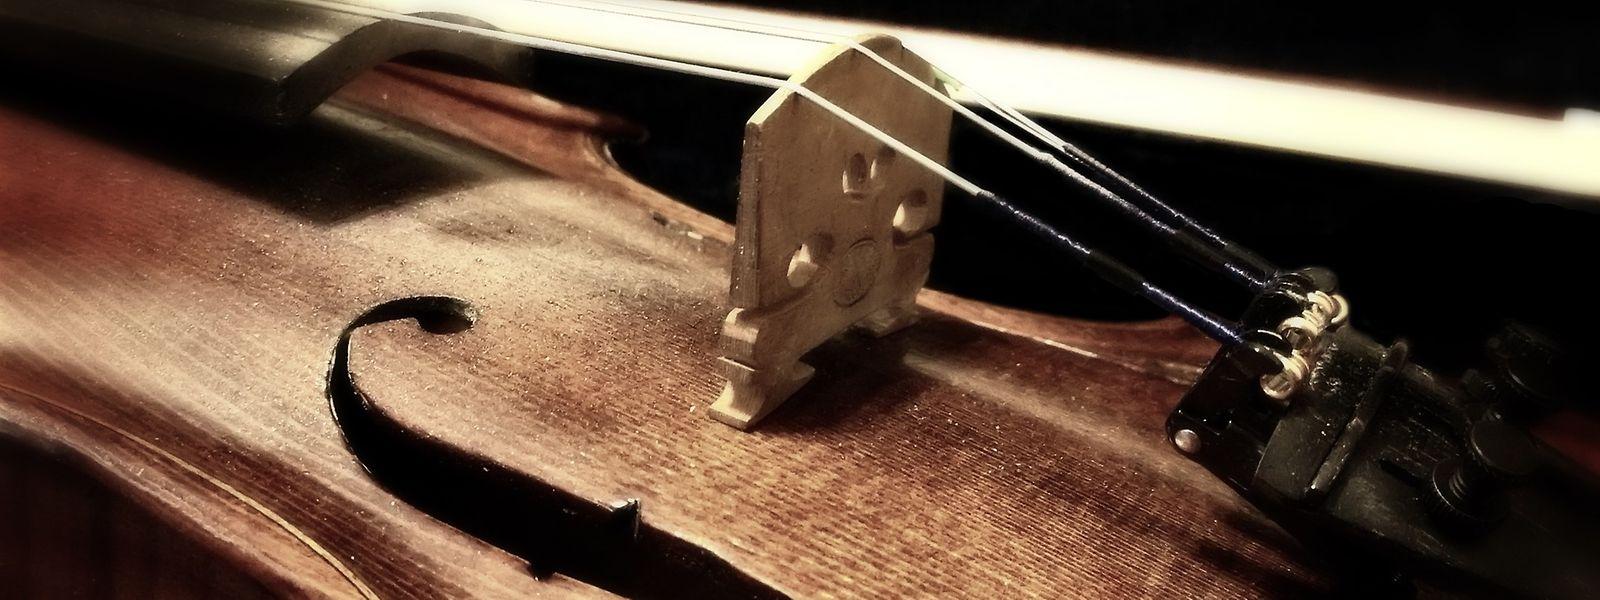 Beispielbild: Der Geiger Stephen Morris hat sein geliebtes Instrument nach rund einer Woche zurückbekommen.